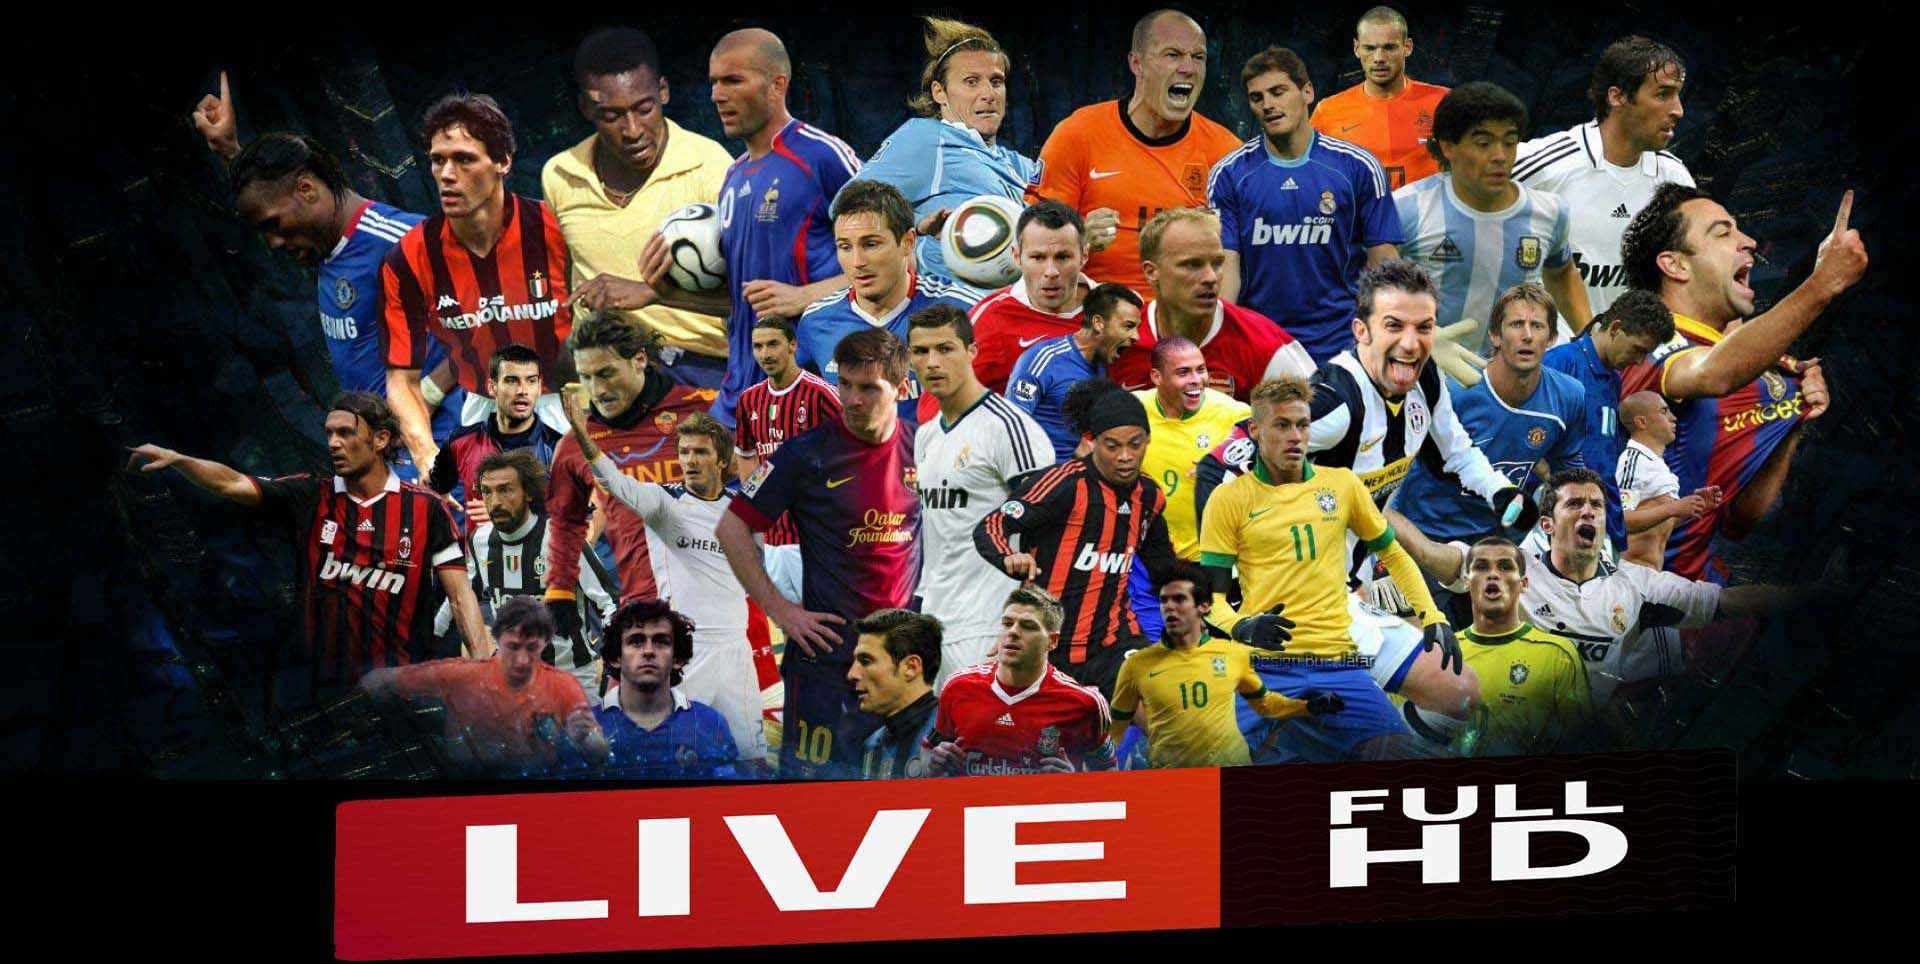 Monaco Vs Leverkusen live